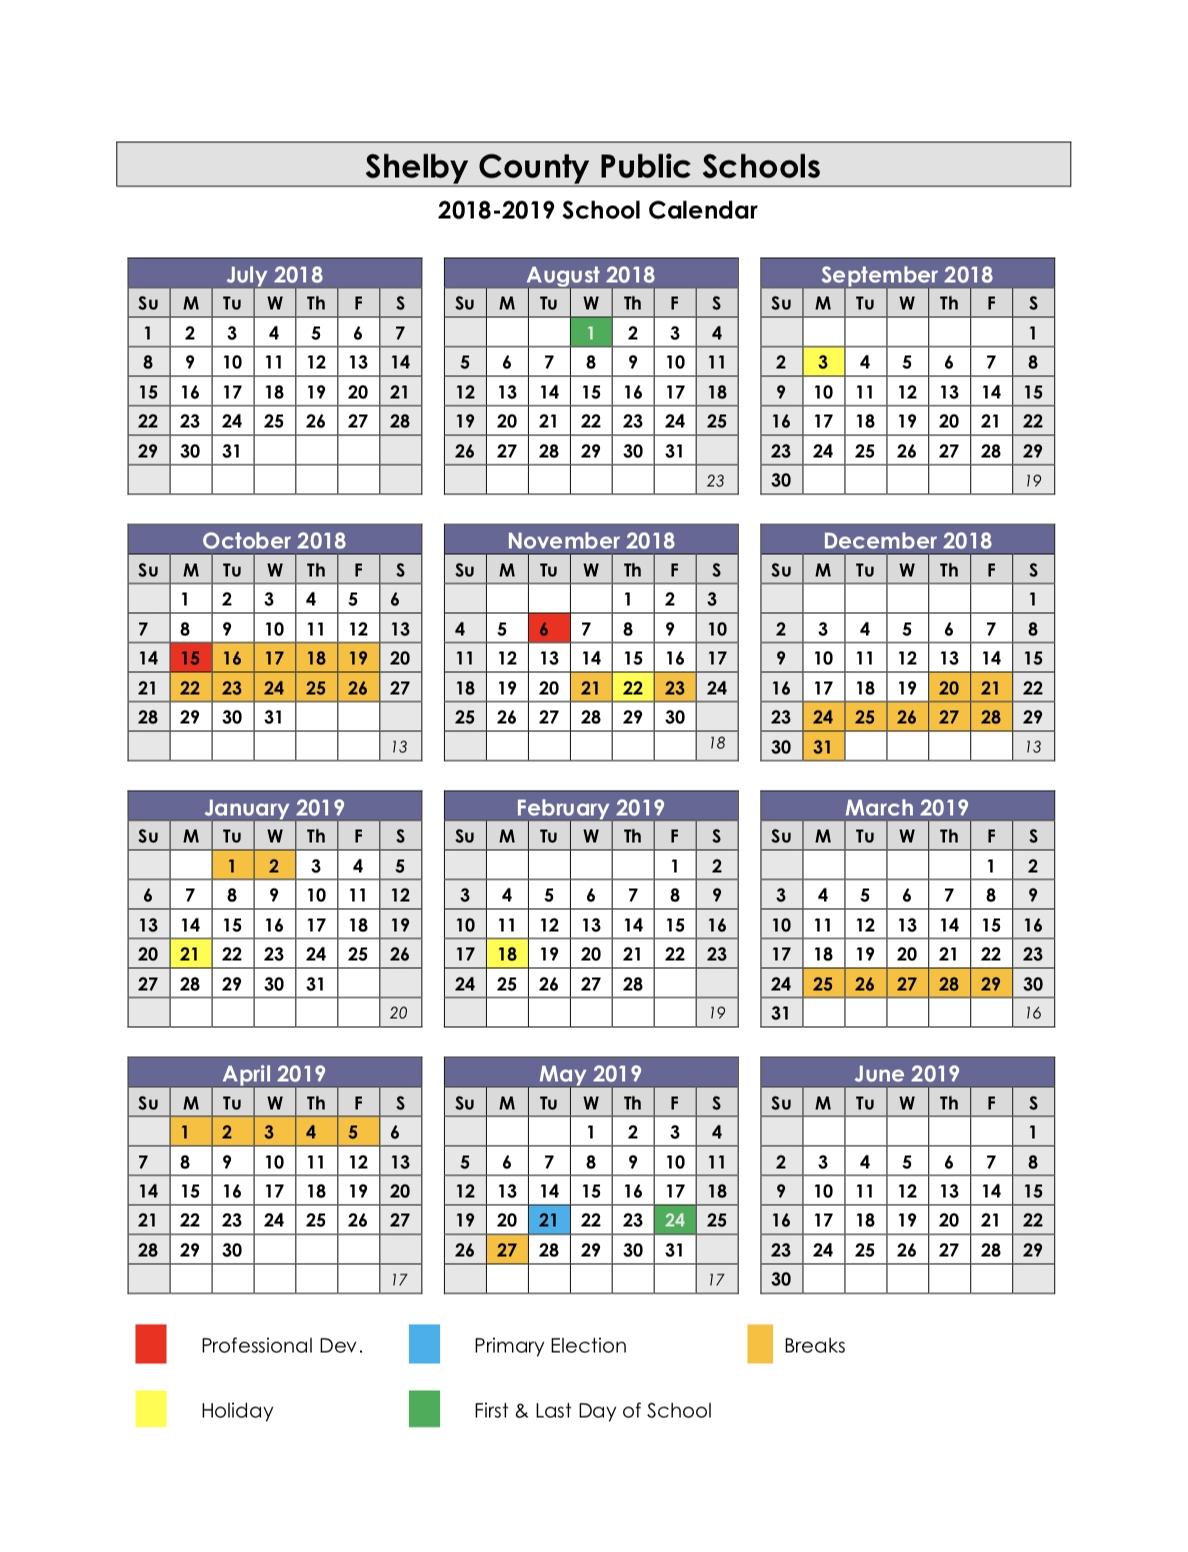 School Year Calendars / 2018-2019 School Calendar Calendar For School Year